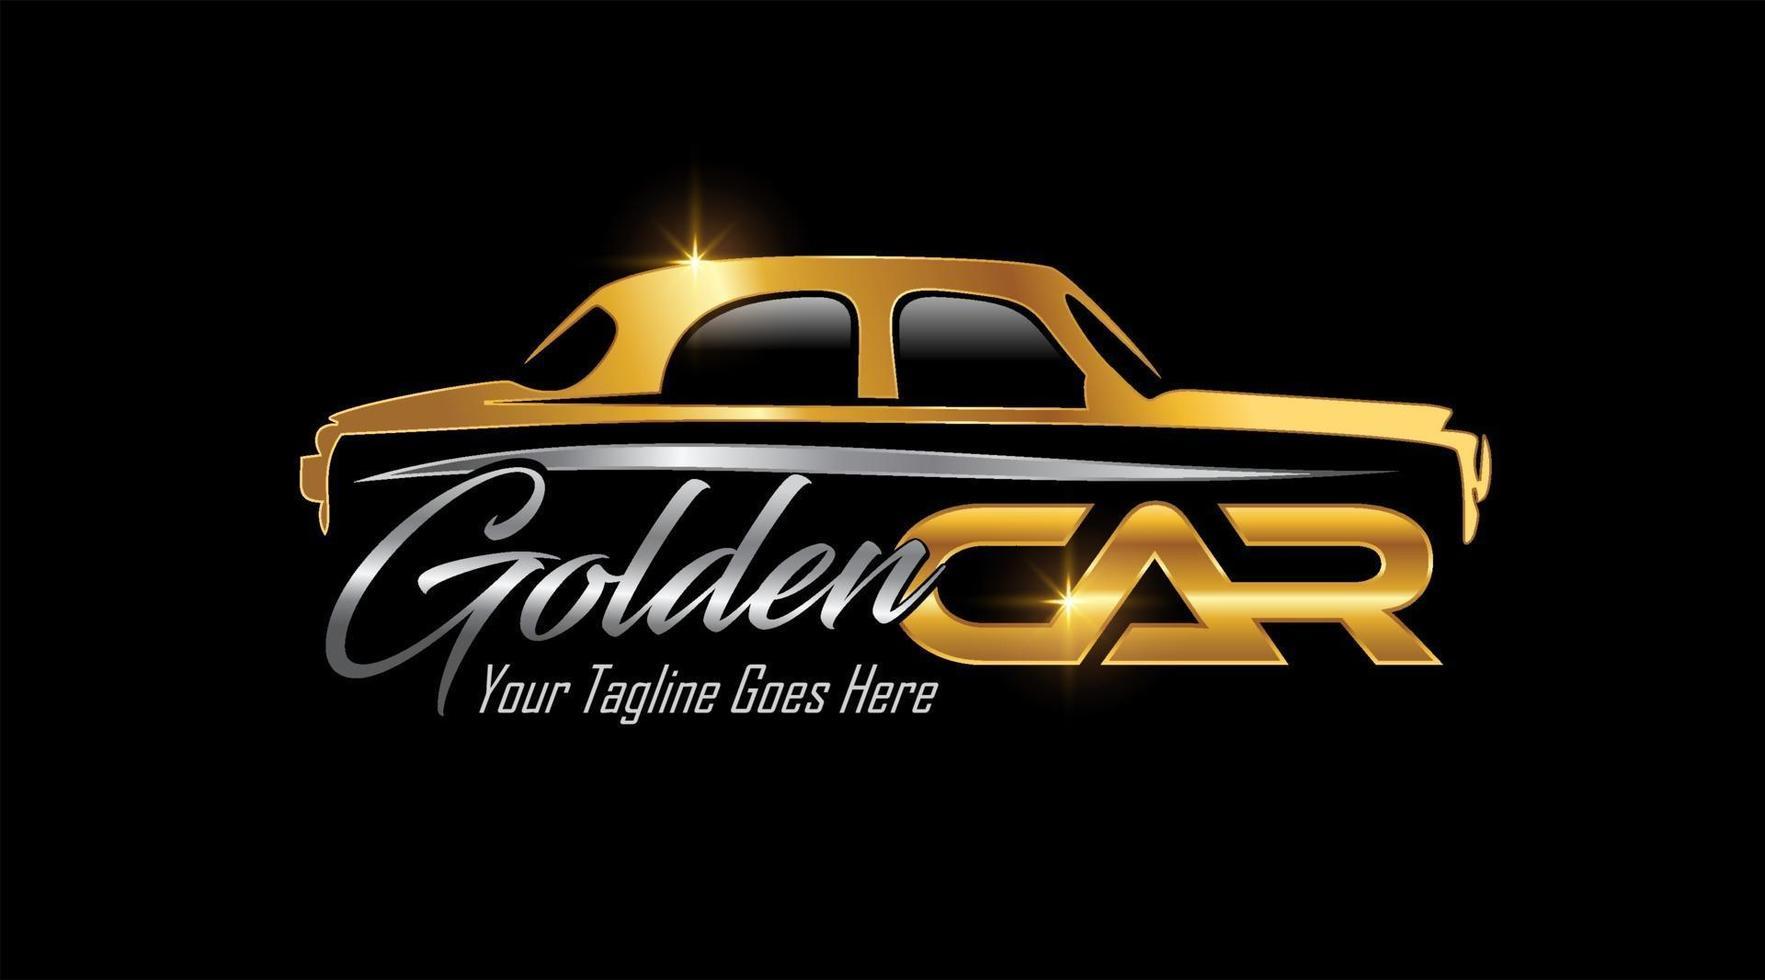 gyllene klassiska bilfordon logotyp vektor